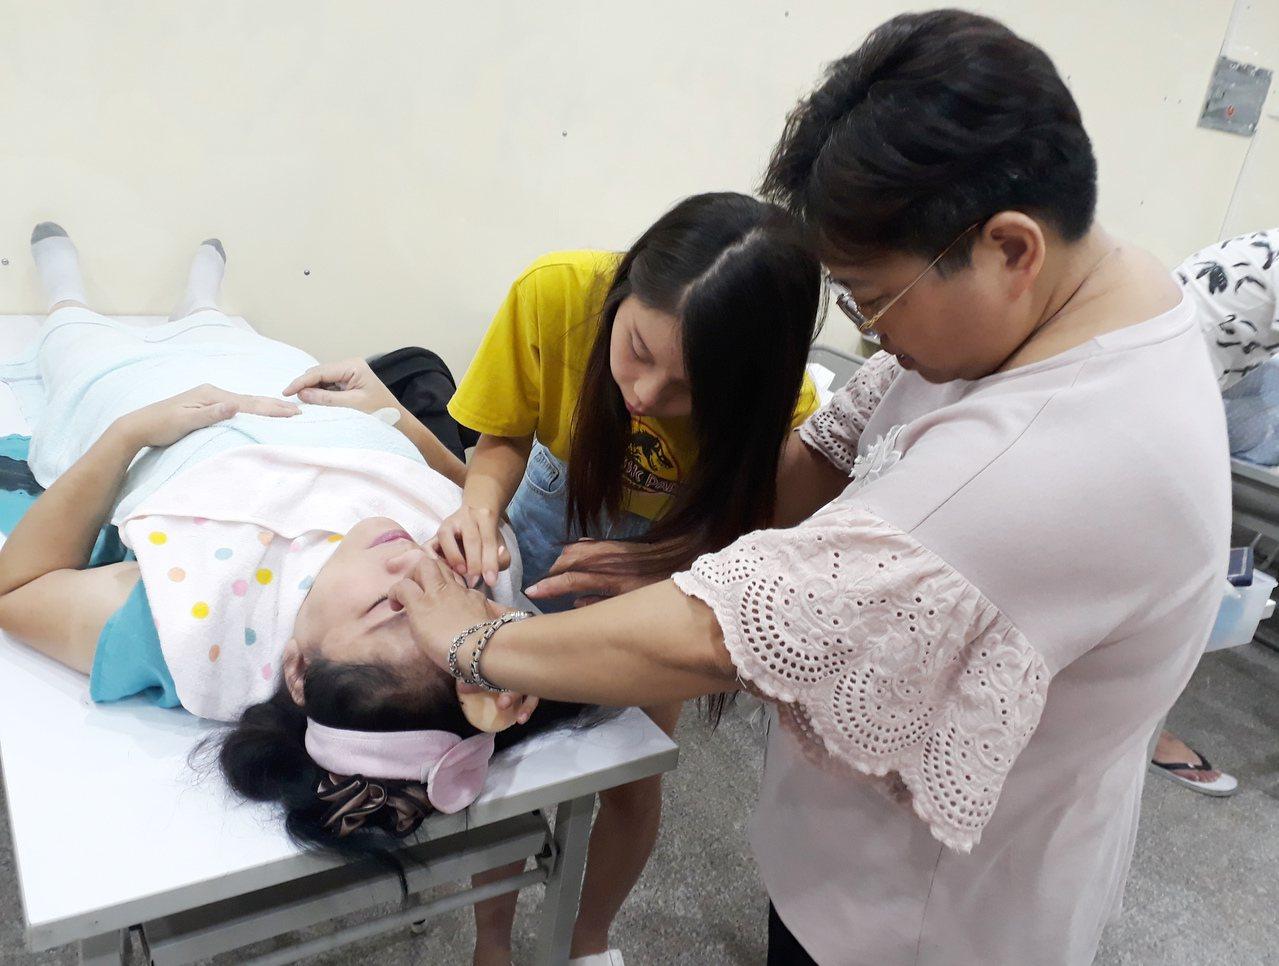 雲嘉南分署有各種實用職訓課程,協助民眾找到人生第二春。圖/分署提供